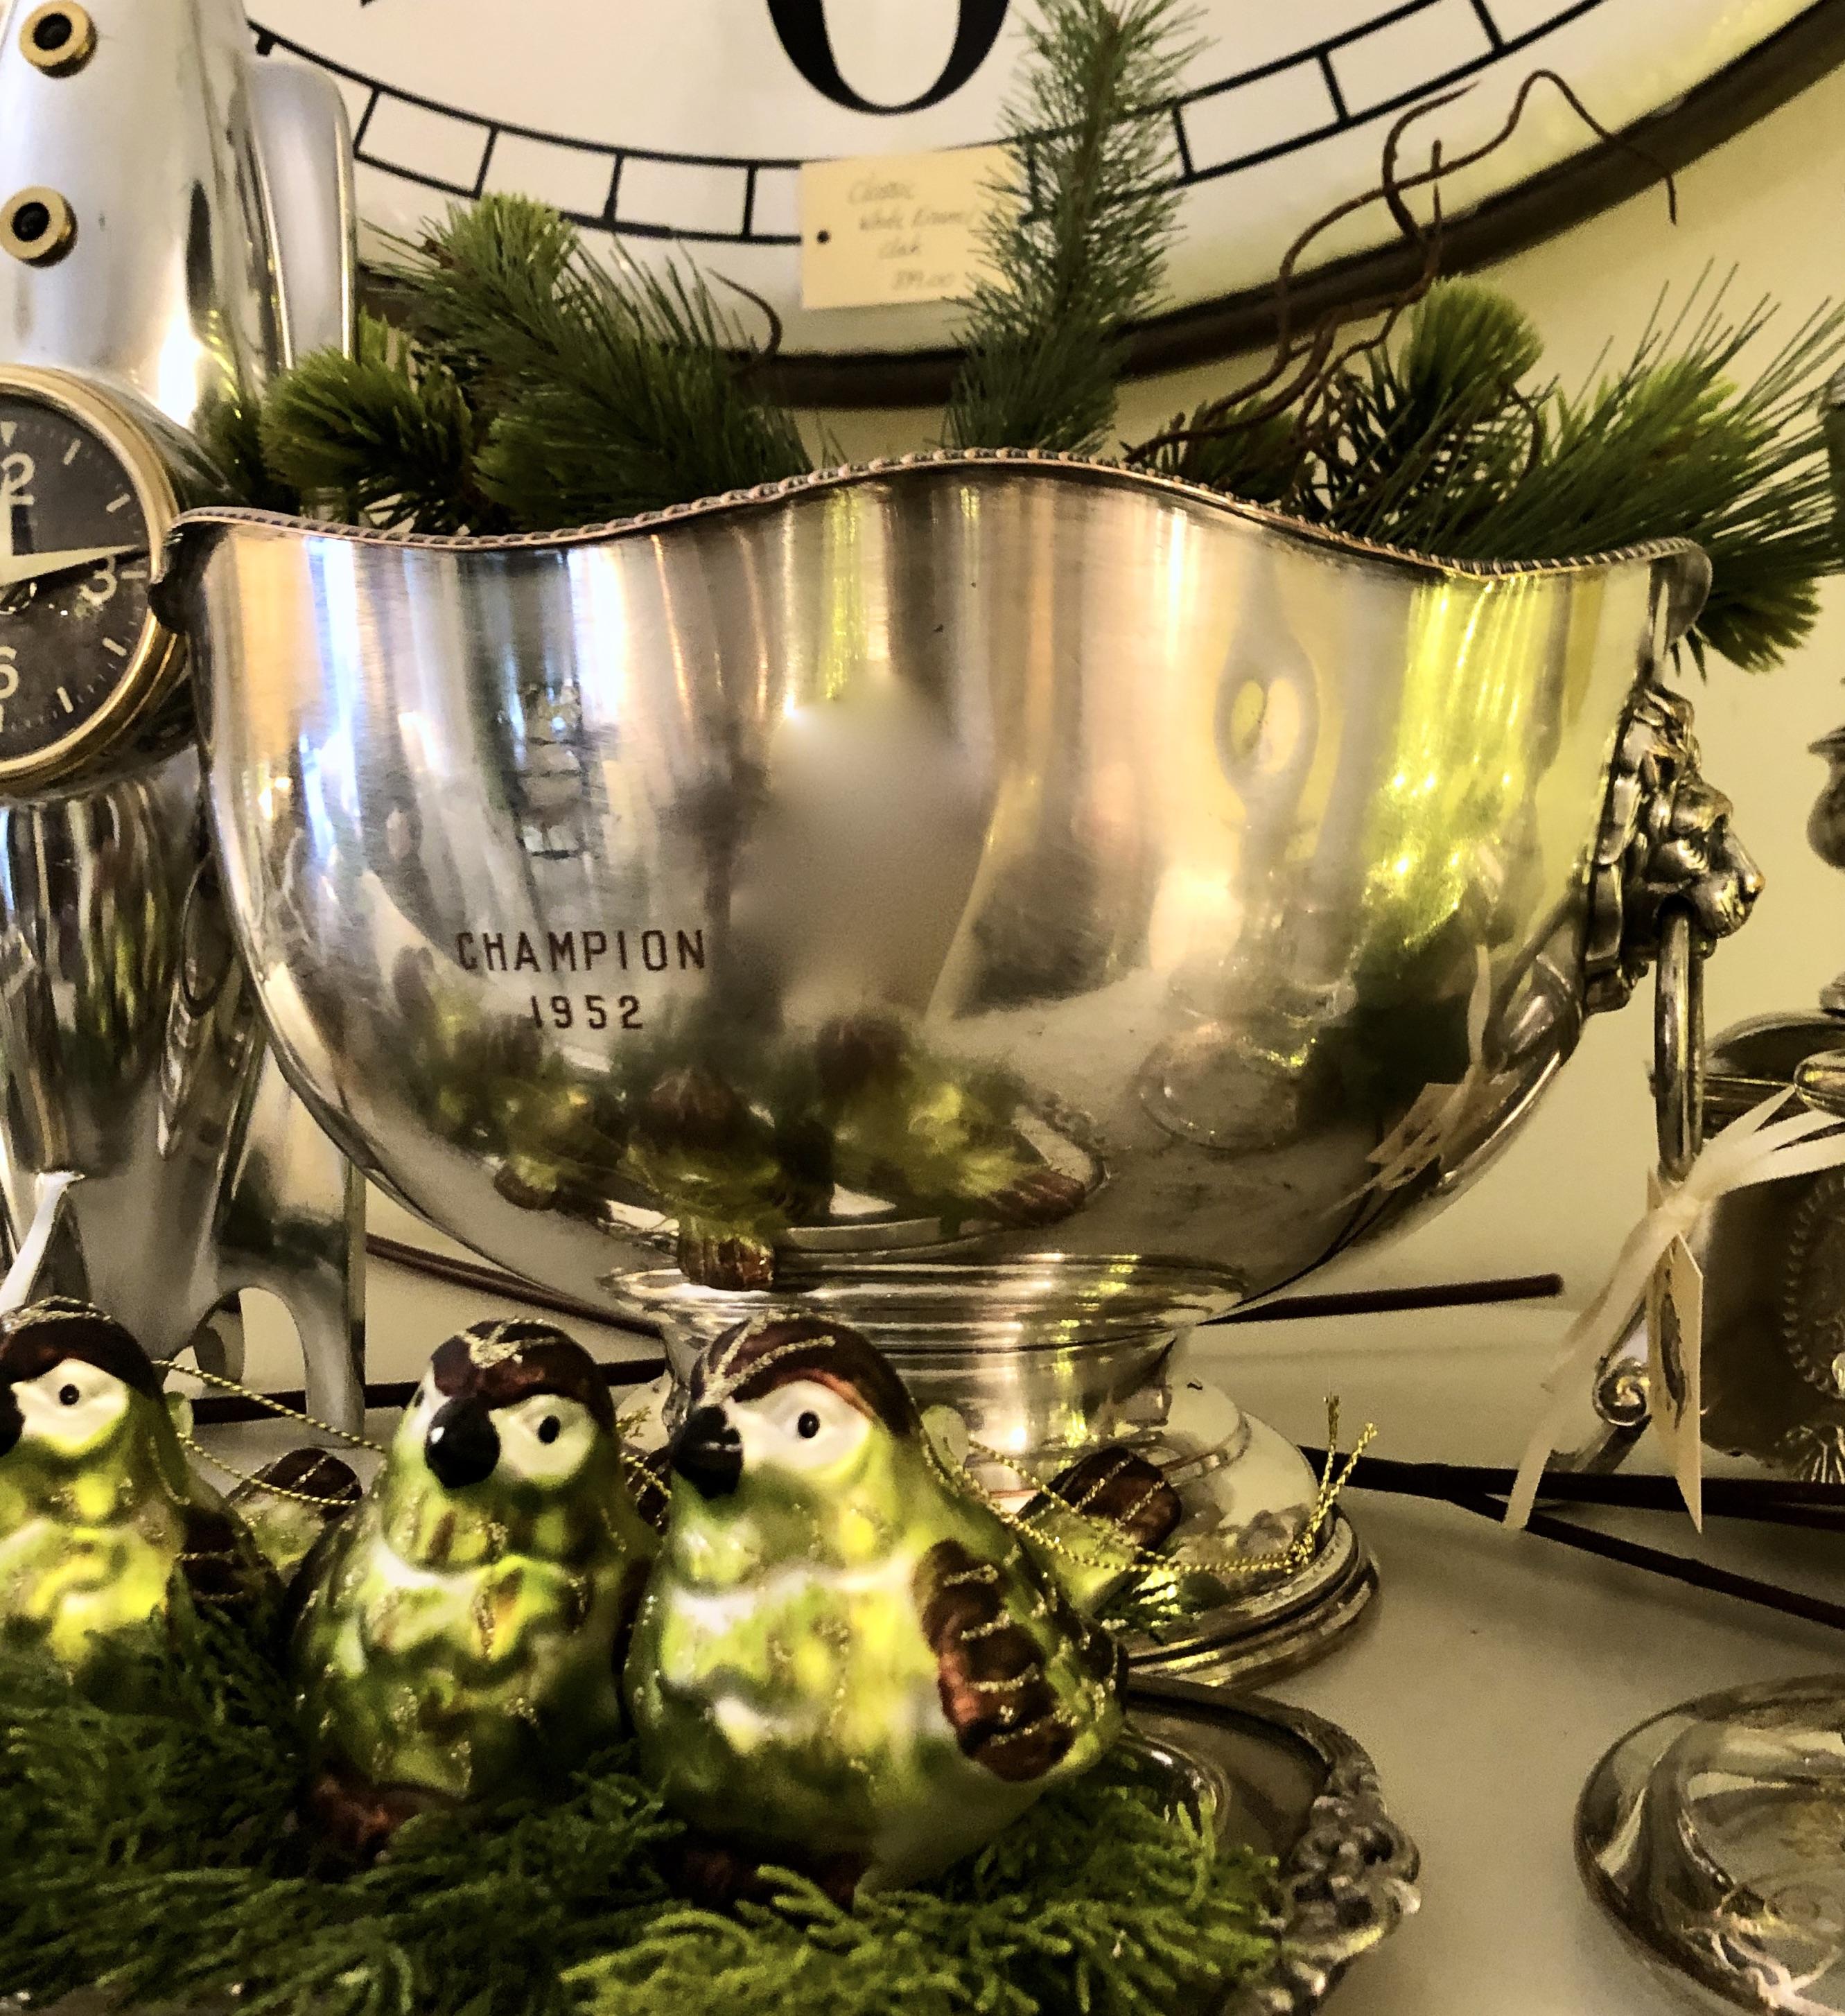 Vintage Trophy Bowl